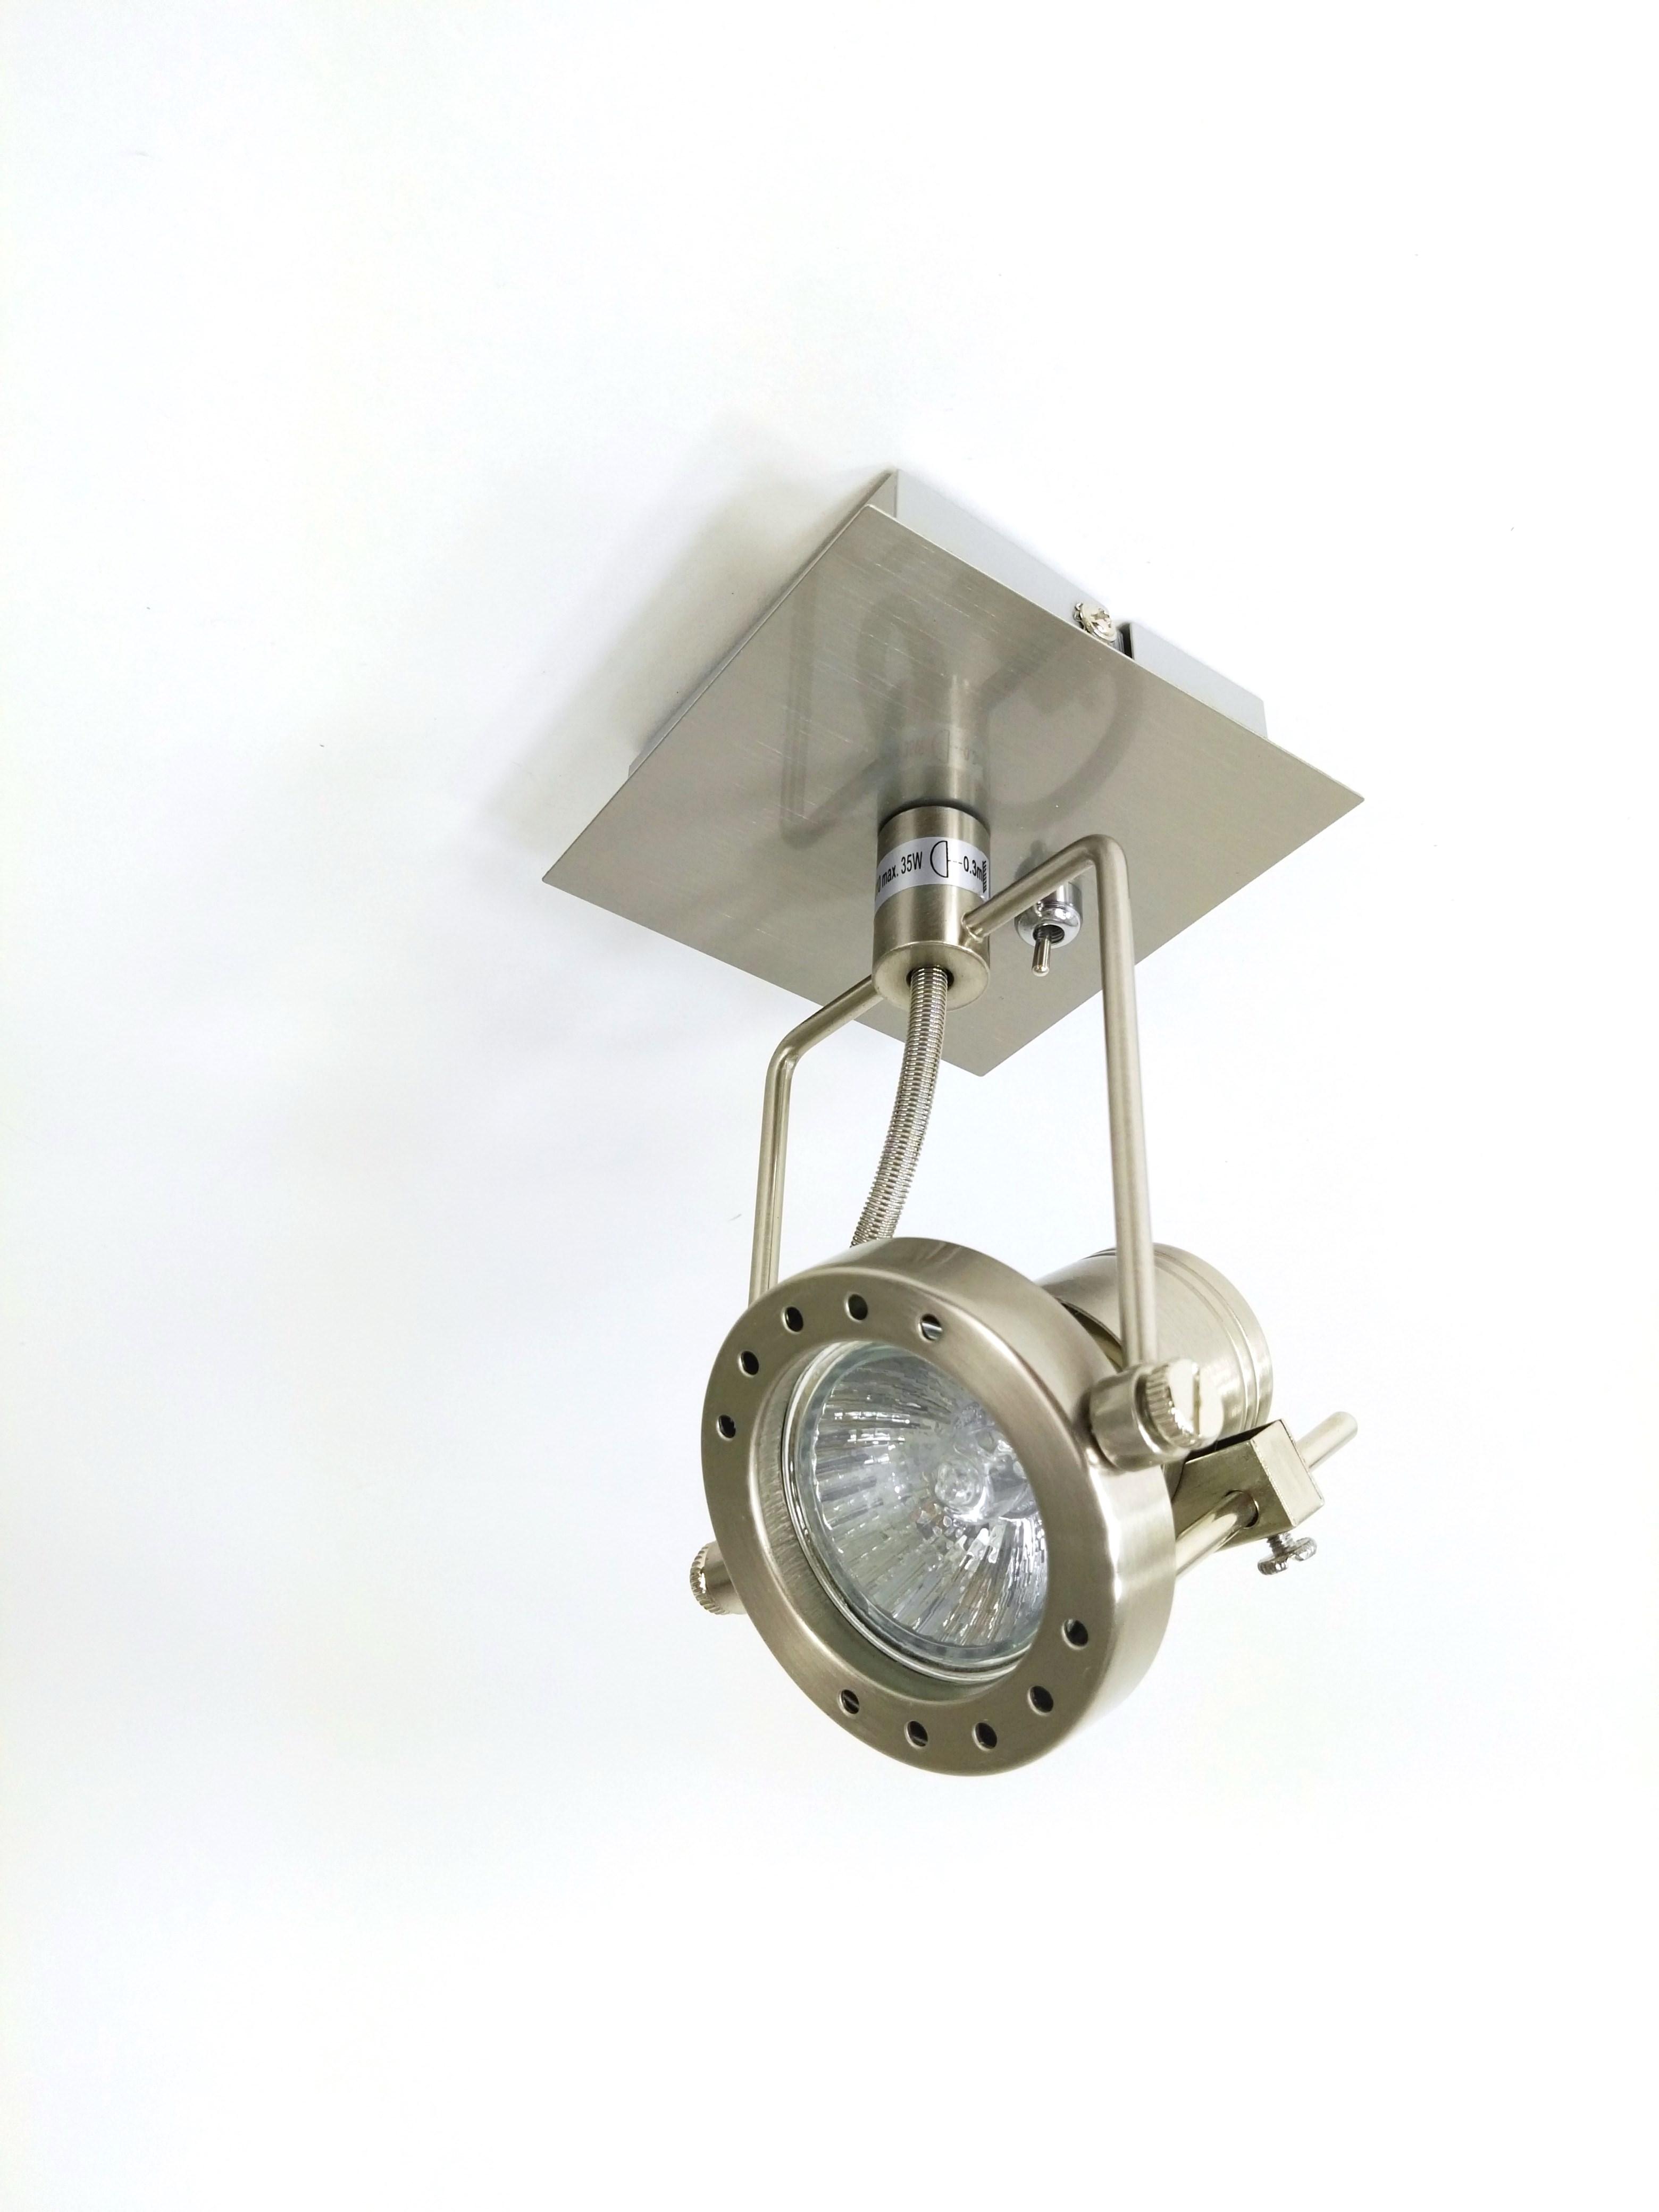 Lampe Spot Balken Strahler drehbar schwenkbar LED Decken Leuchte Energiespar